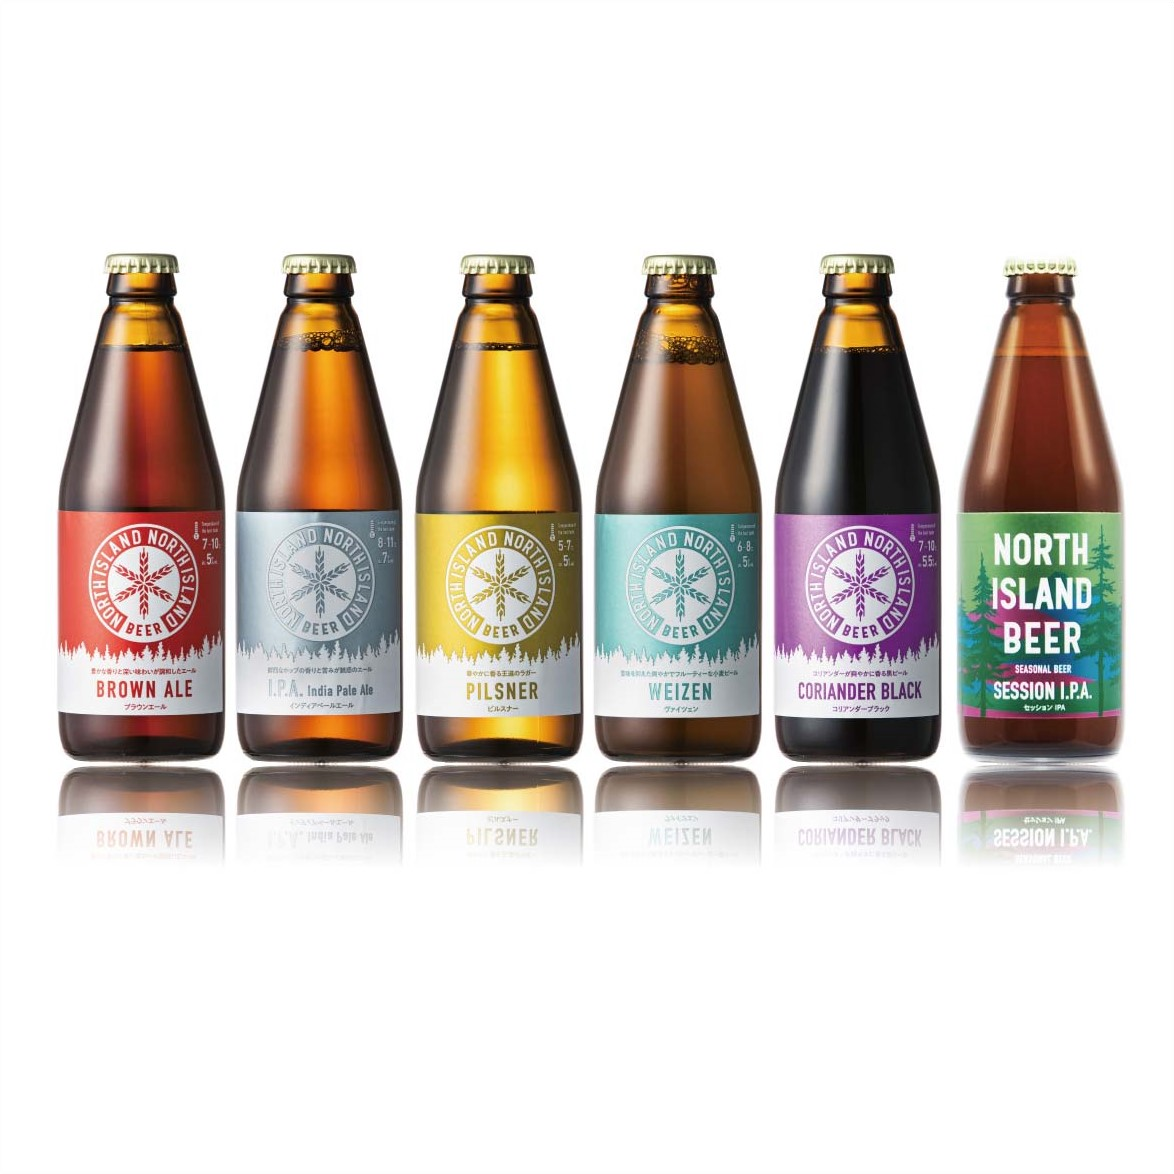 【5-6月】季節限定ビール付 飲み比べ6本セット